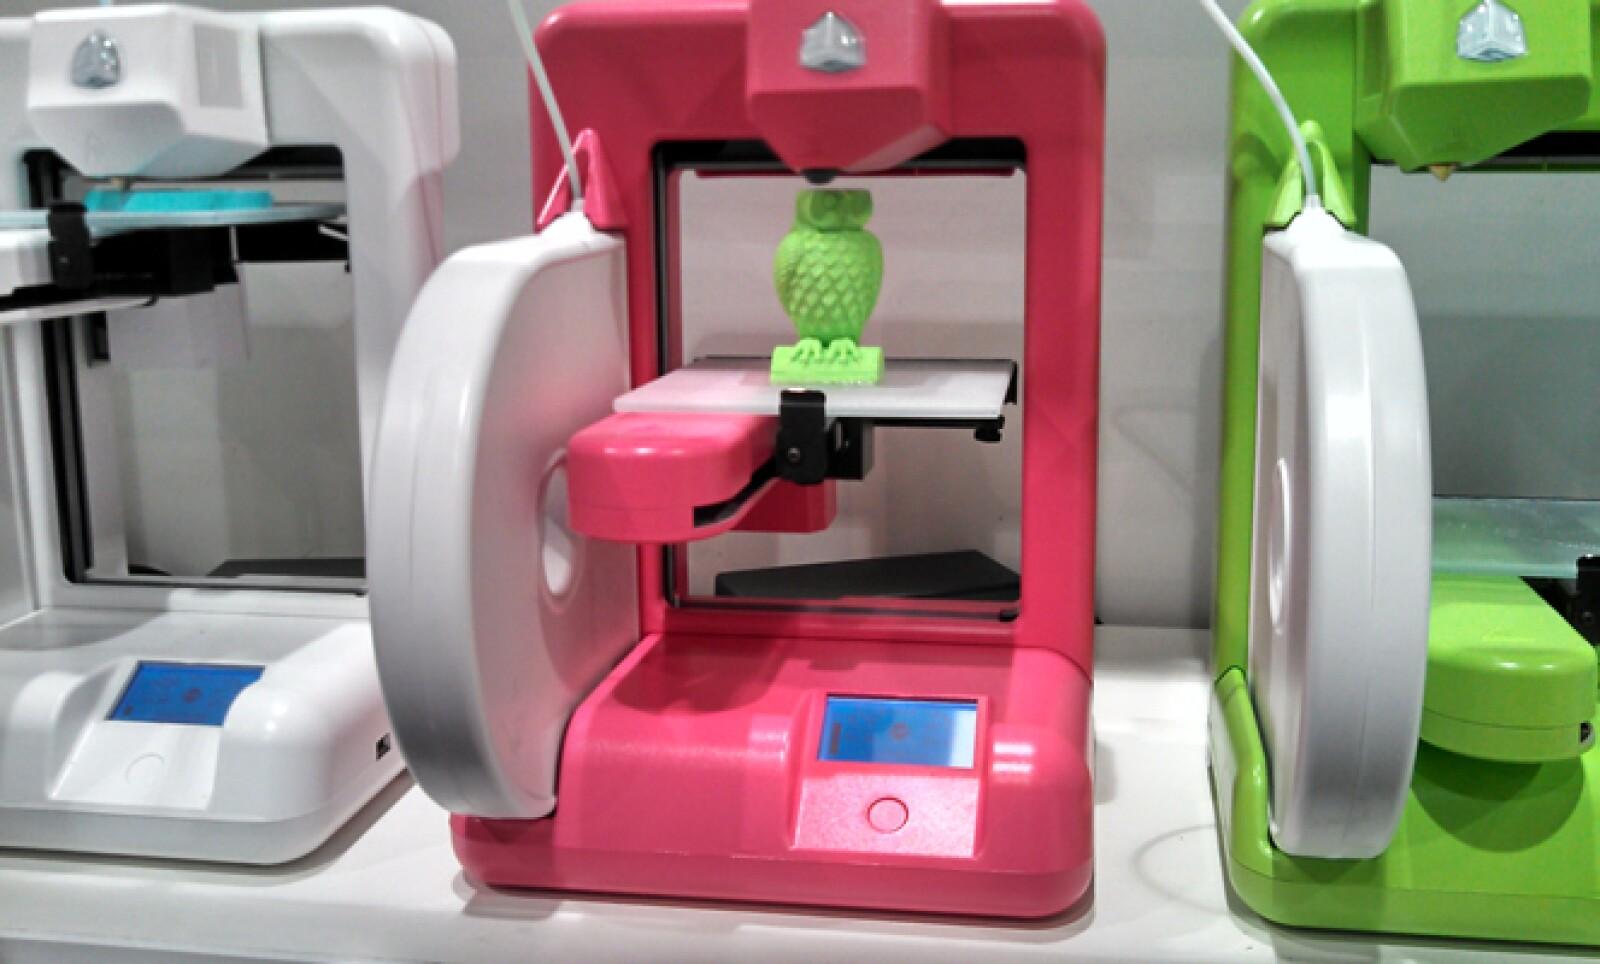 Una de las tendencias del CES 2013 es la impresión en tercera dimensión. En la foto vemos uno de estos equipos fabricando un búho de plástico reciclado.